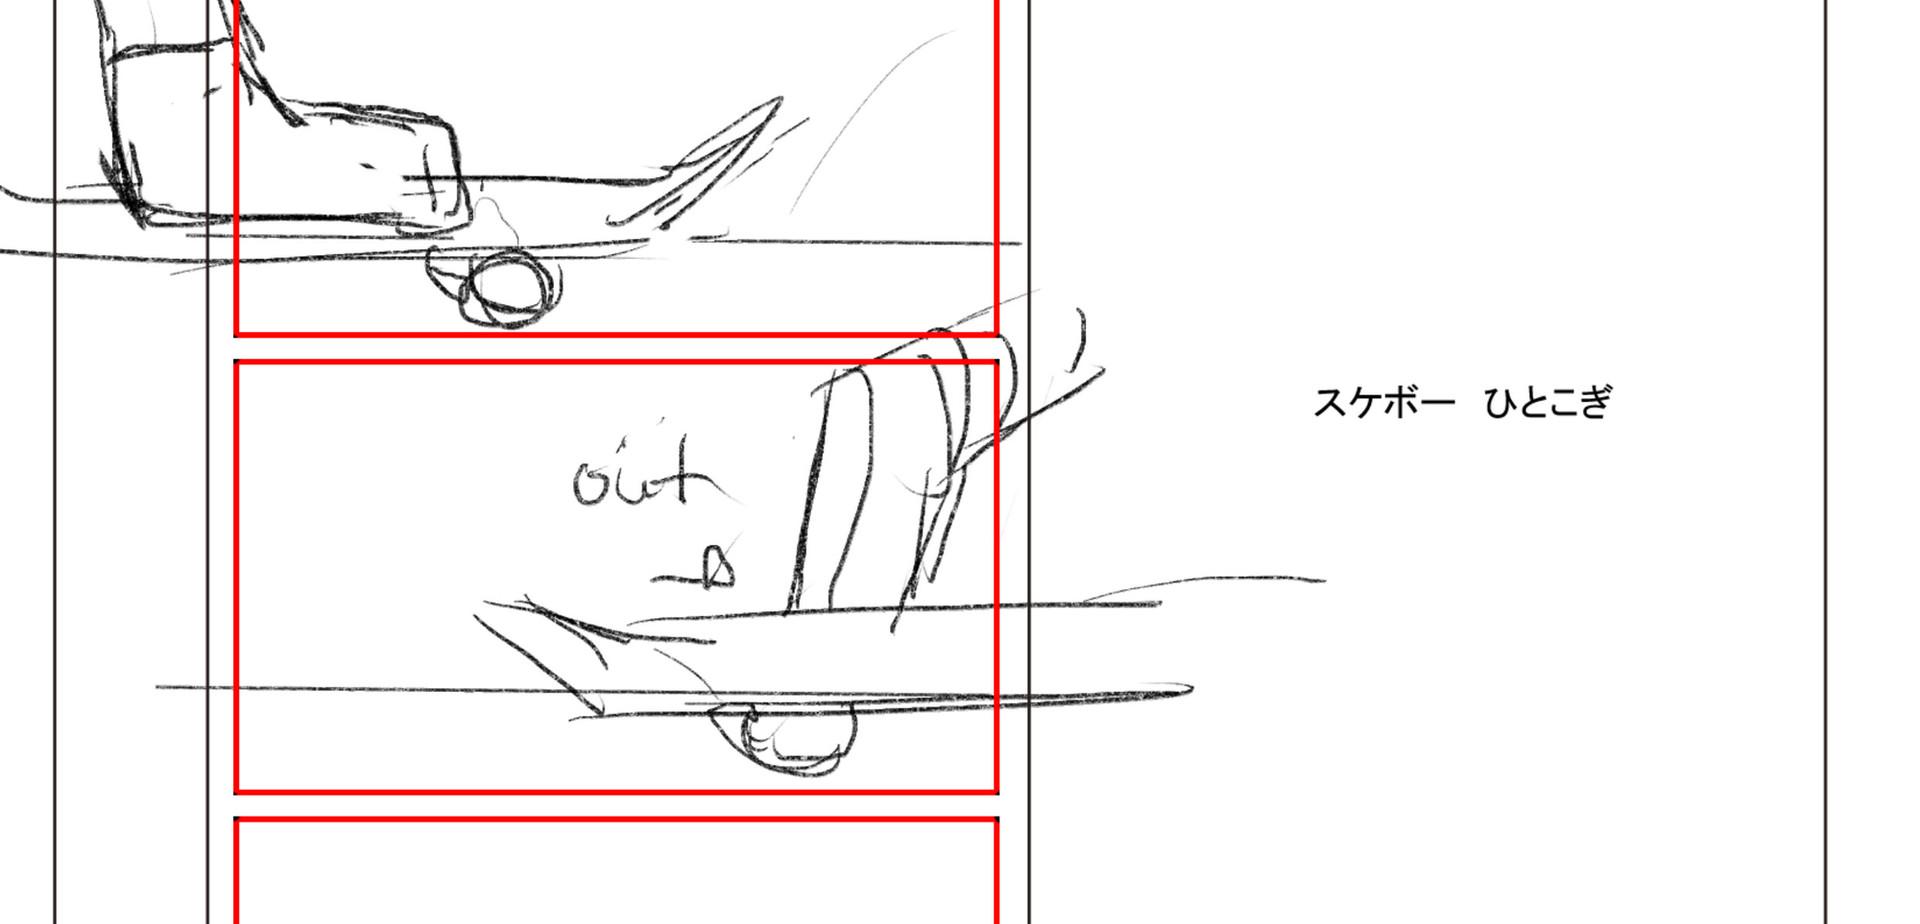 ori_ton_t02_02.jpg